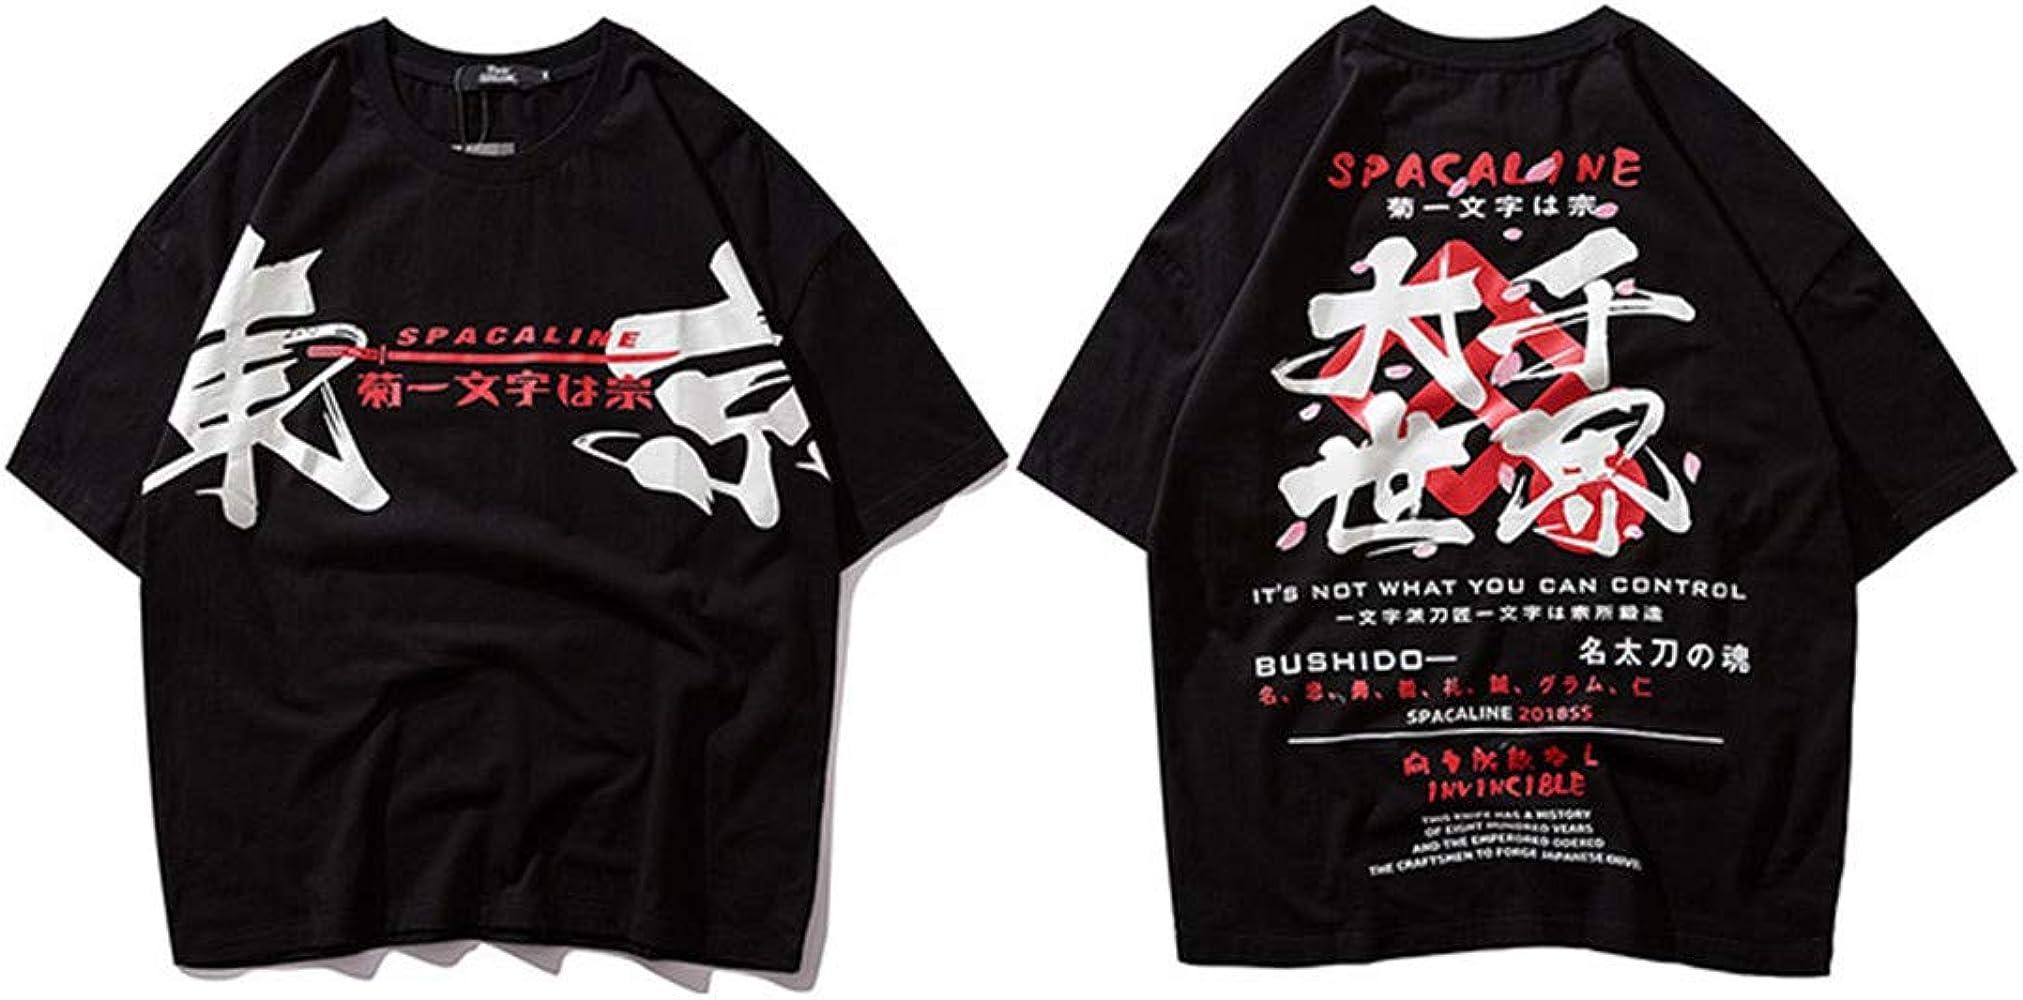 Japonés Harajuku Streetwear Hombres Hip Hop Camiseta Estilo Japón Verano Tokio Cartas Tops Manga Corta Algodón Black M: Amazon.es: Ropa y accesorios